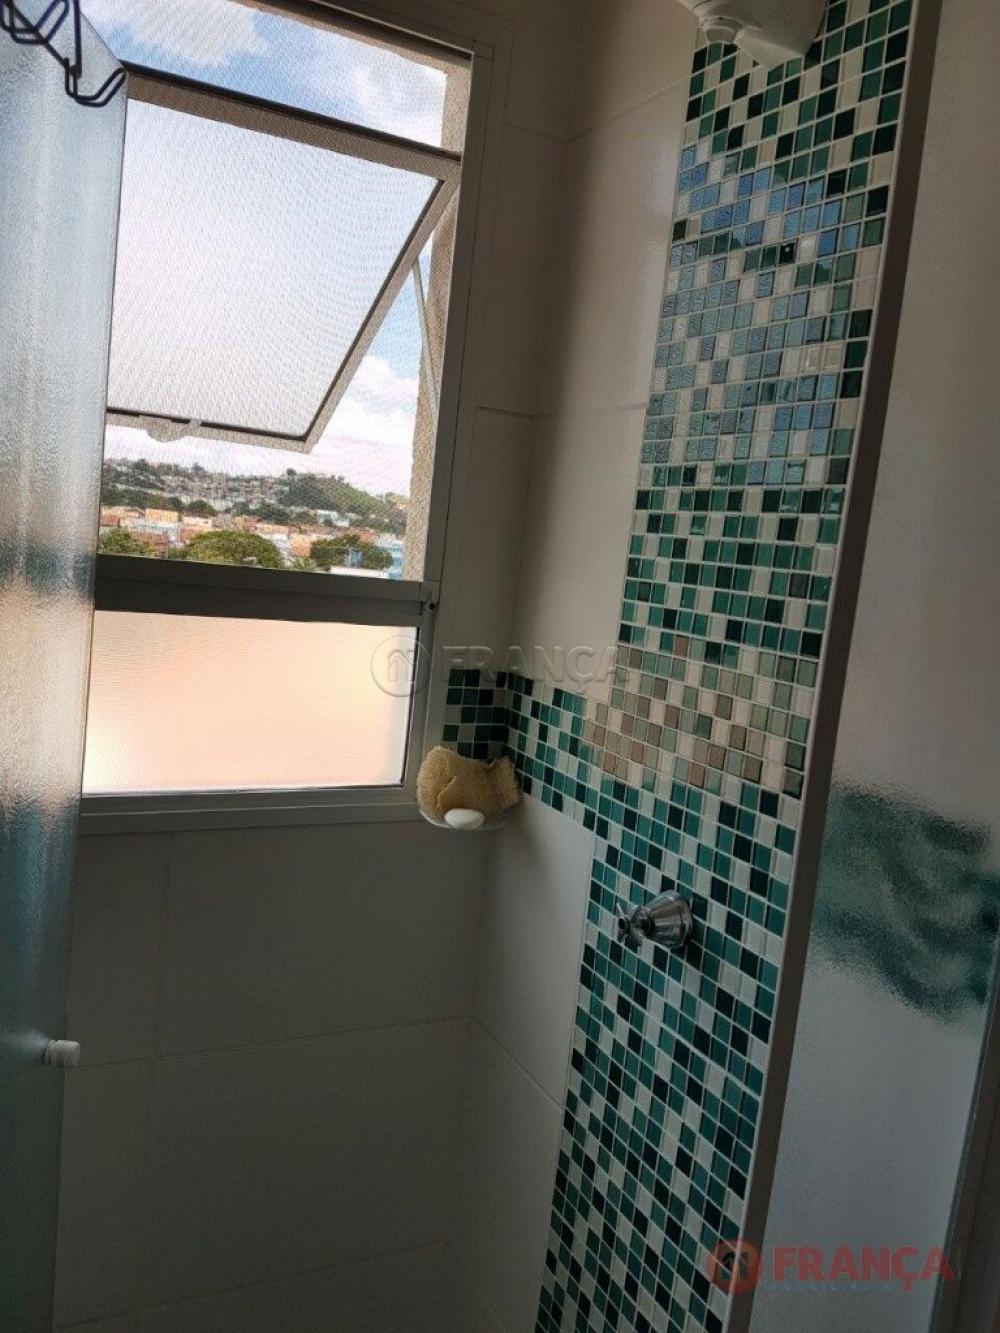 Comprar Apartamento / Padrão em Jacareí apenas R$ 175.000,00 - Foto 12